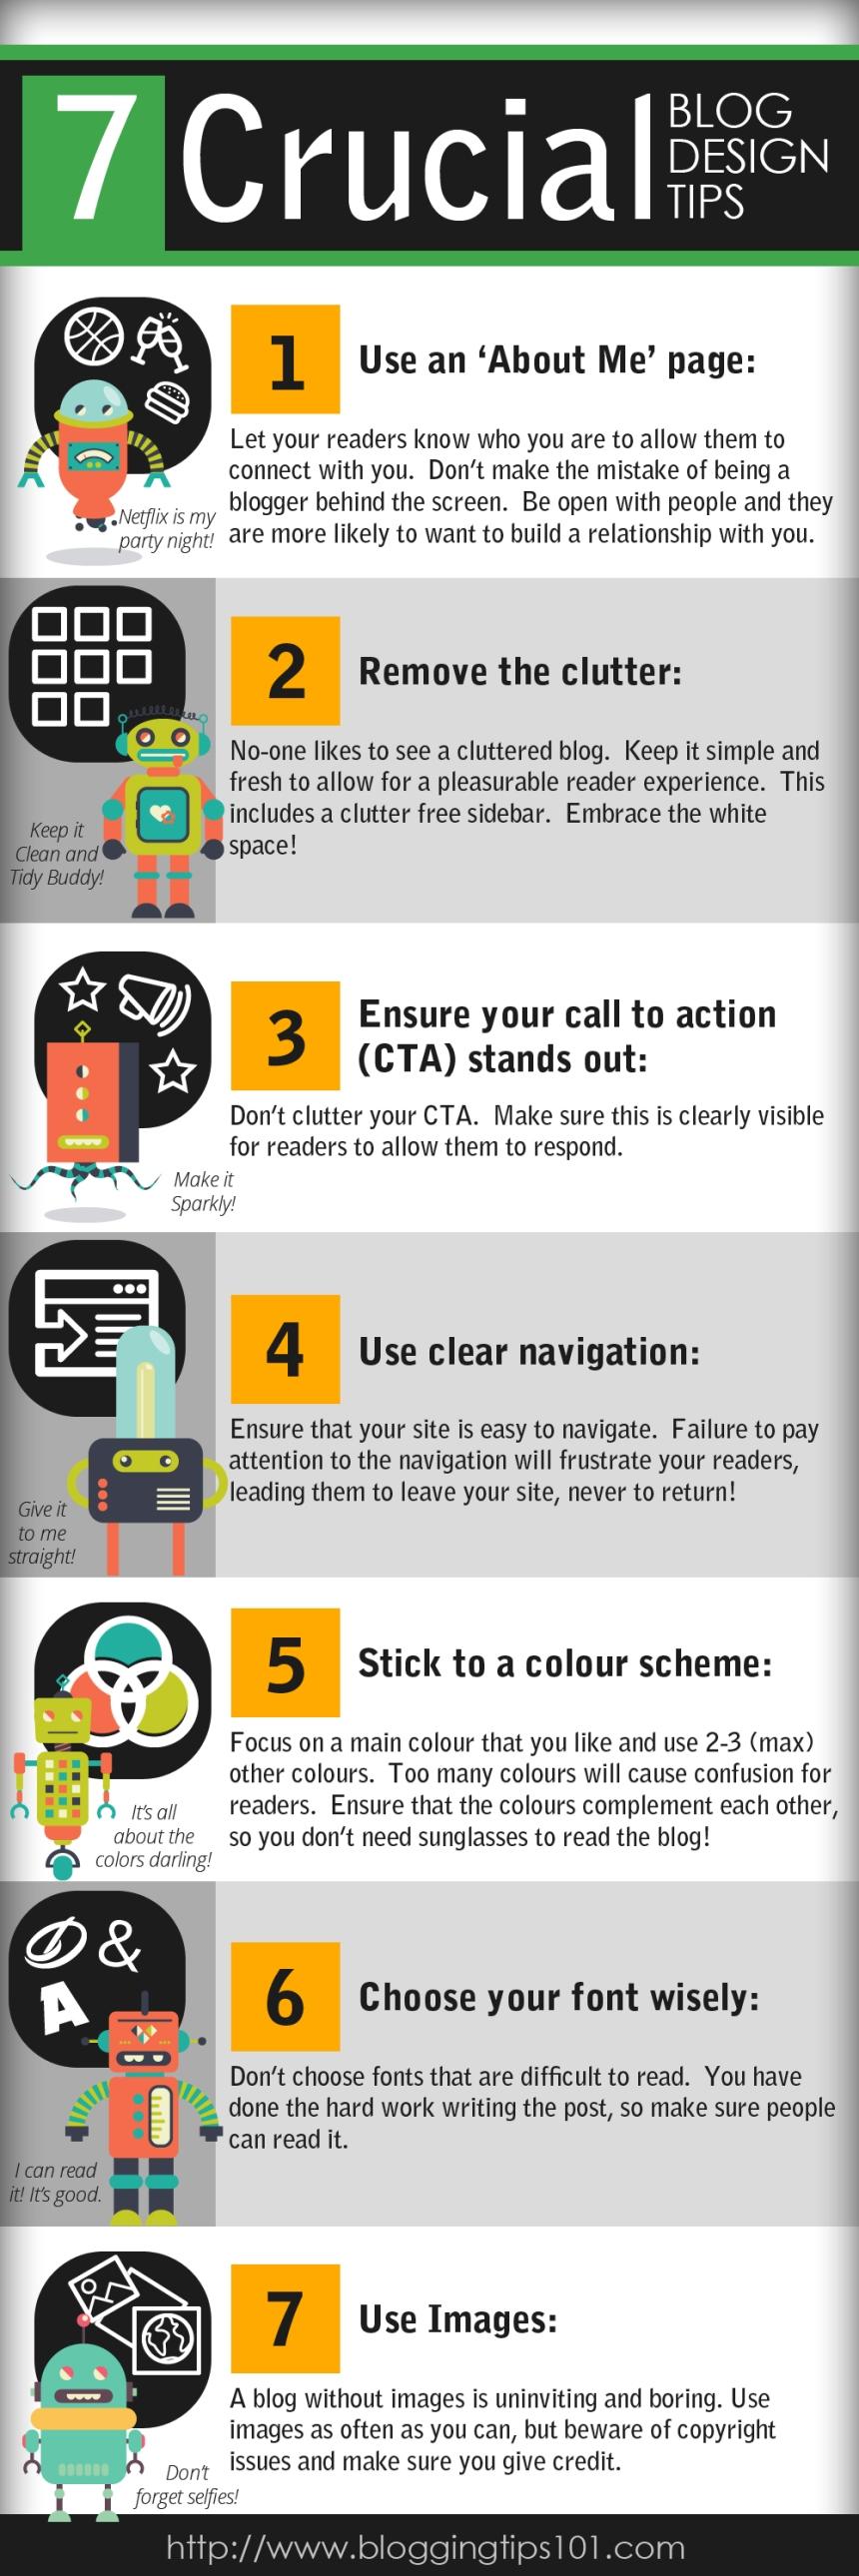 7 consejos cruciales sobre diseño para tu blog